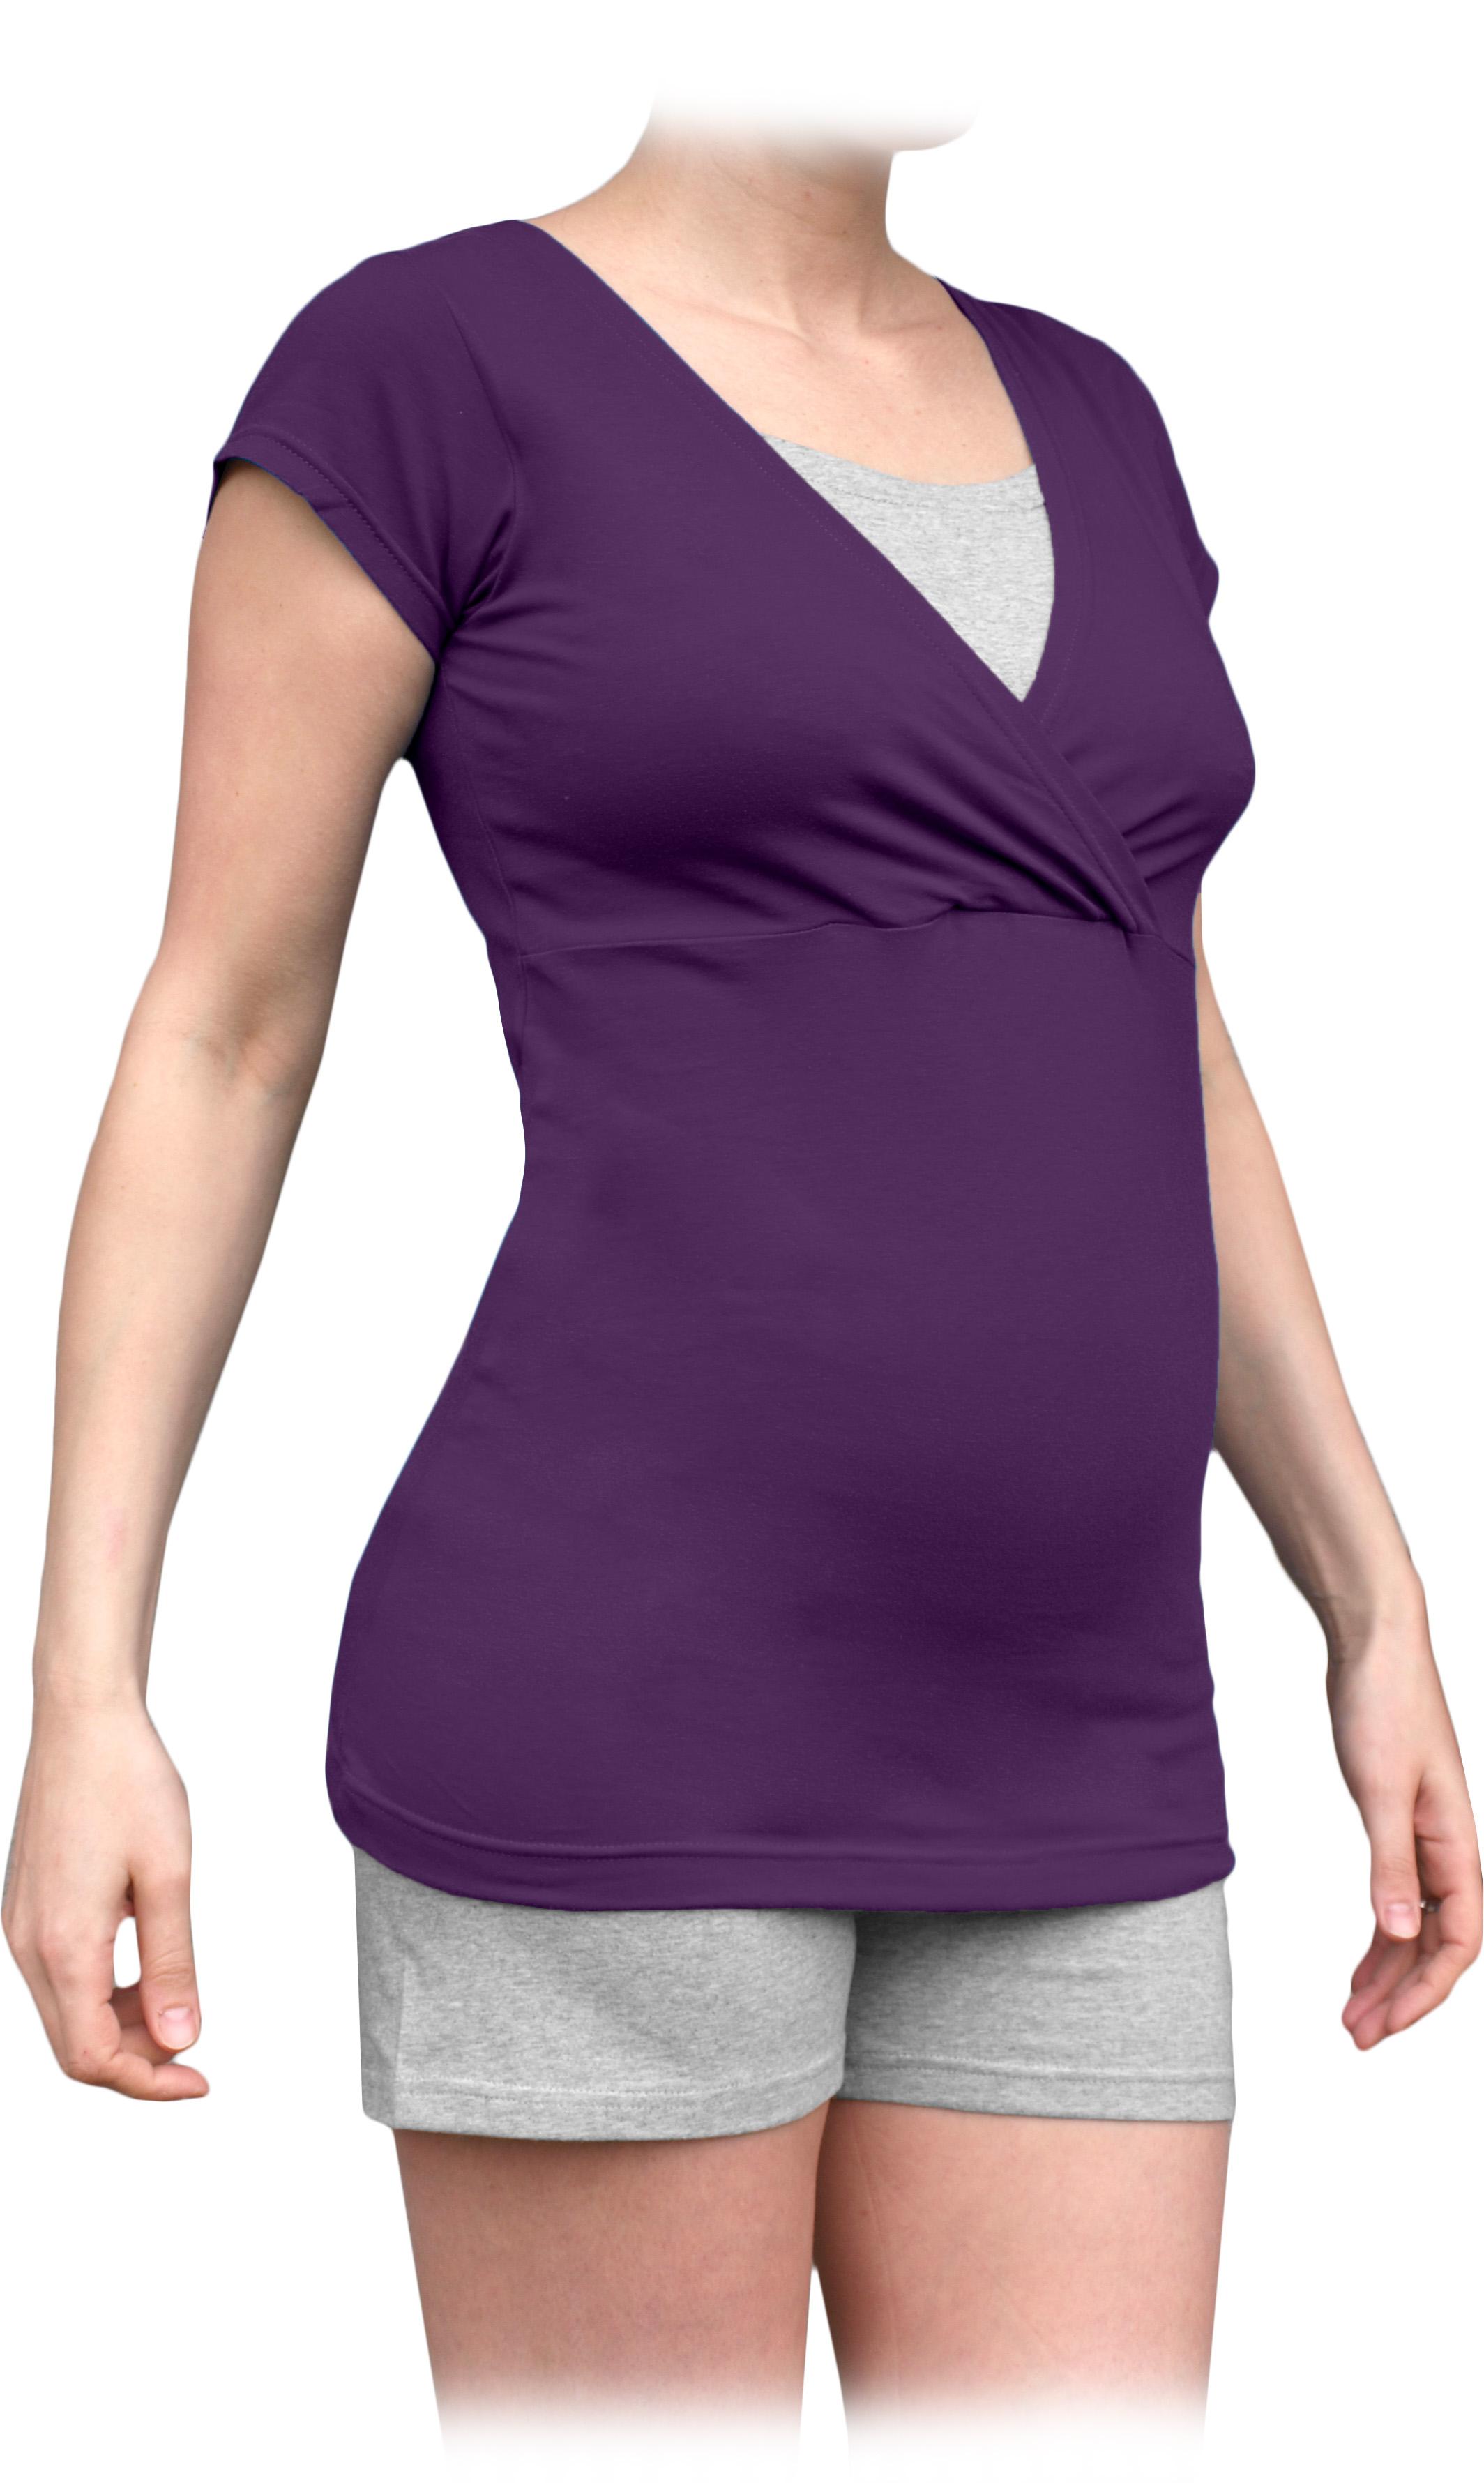 Těhotenské s kojicí pyžamo, krátké, švestkově fialové+šedý melír s/m